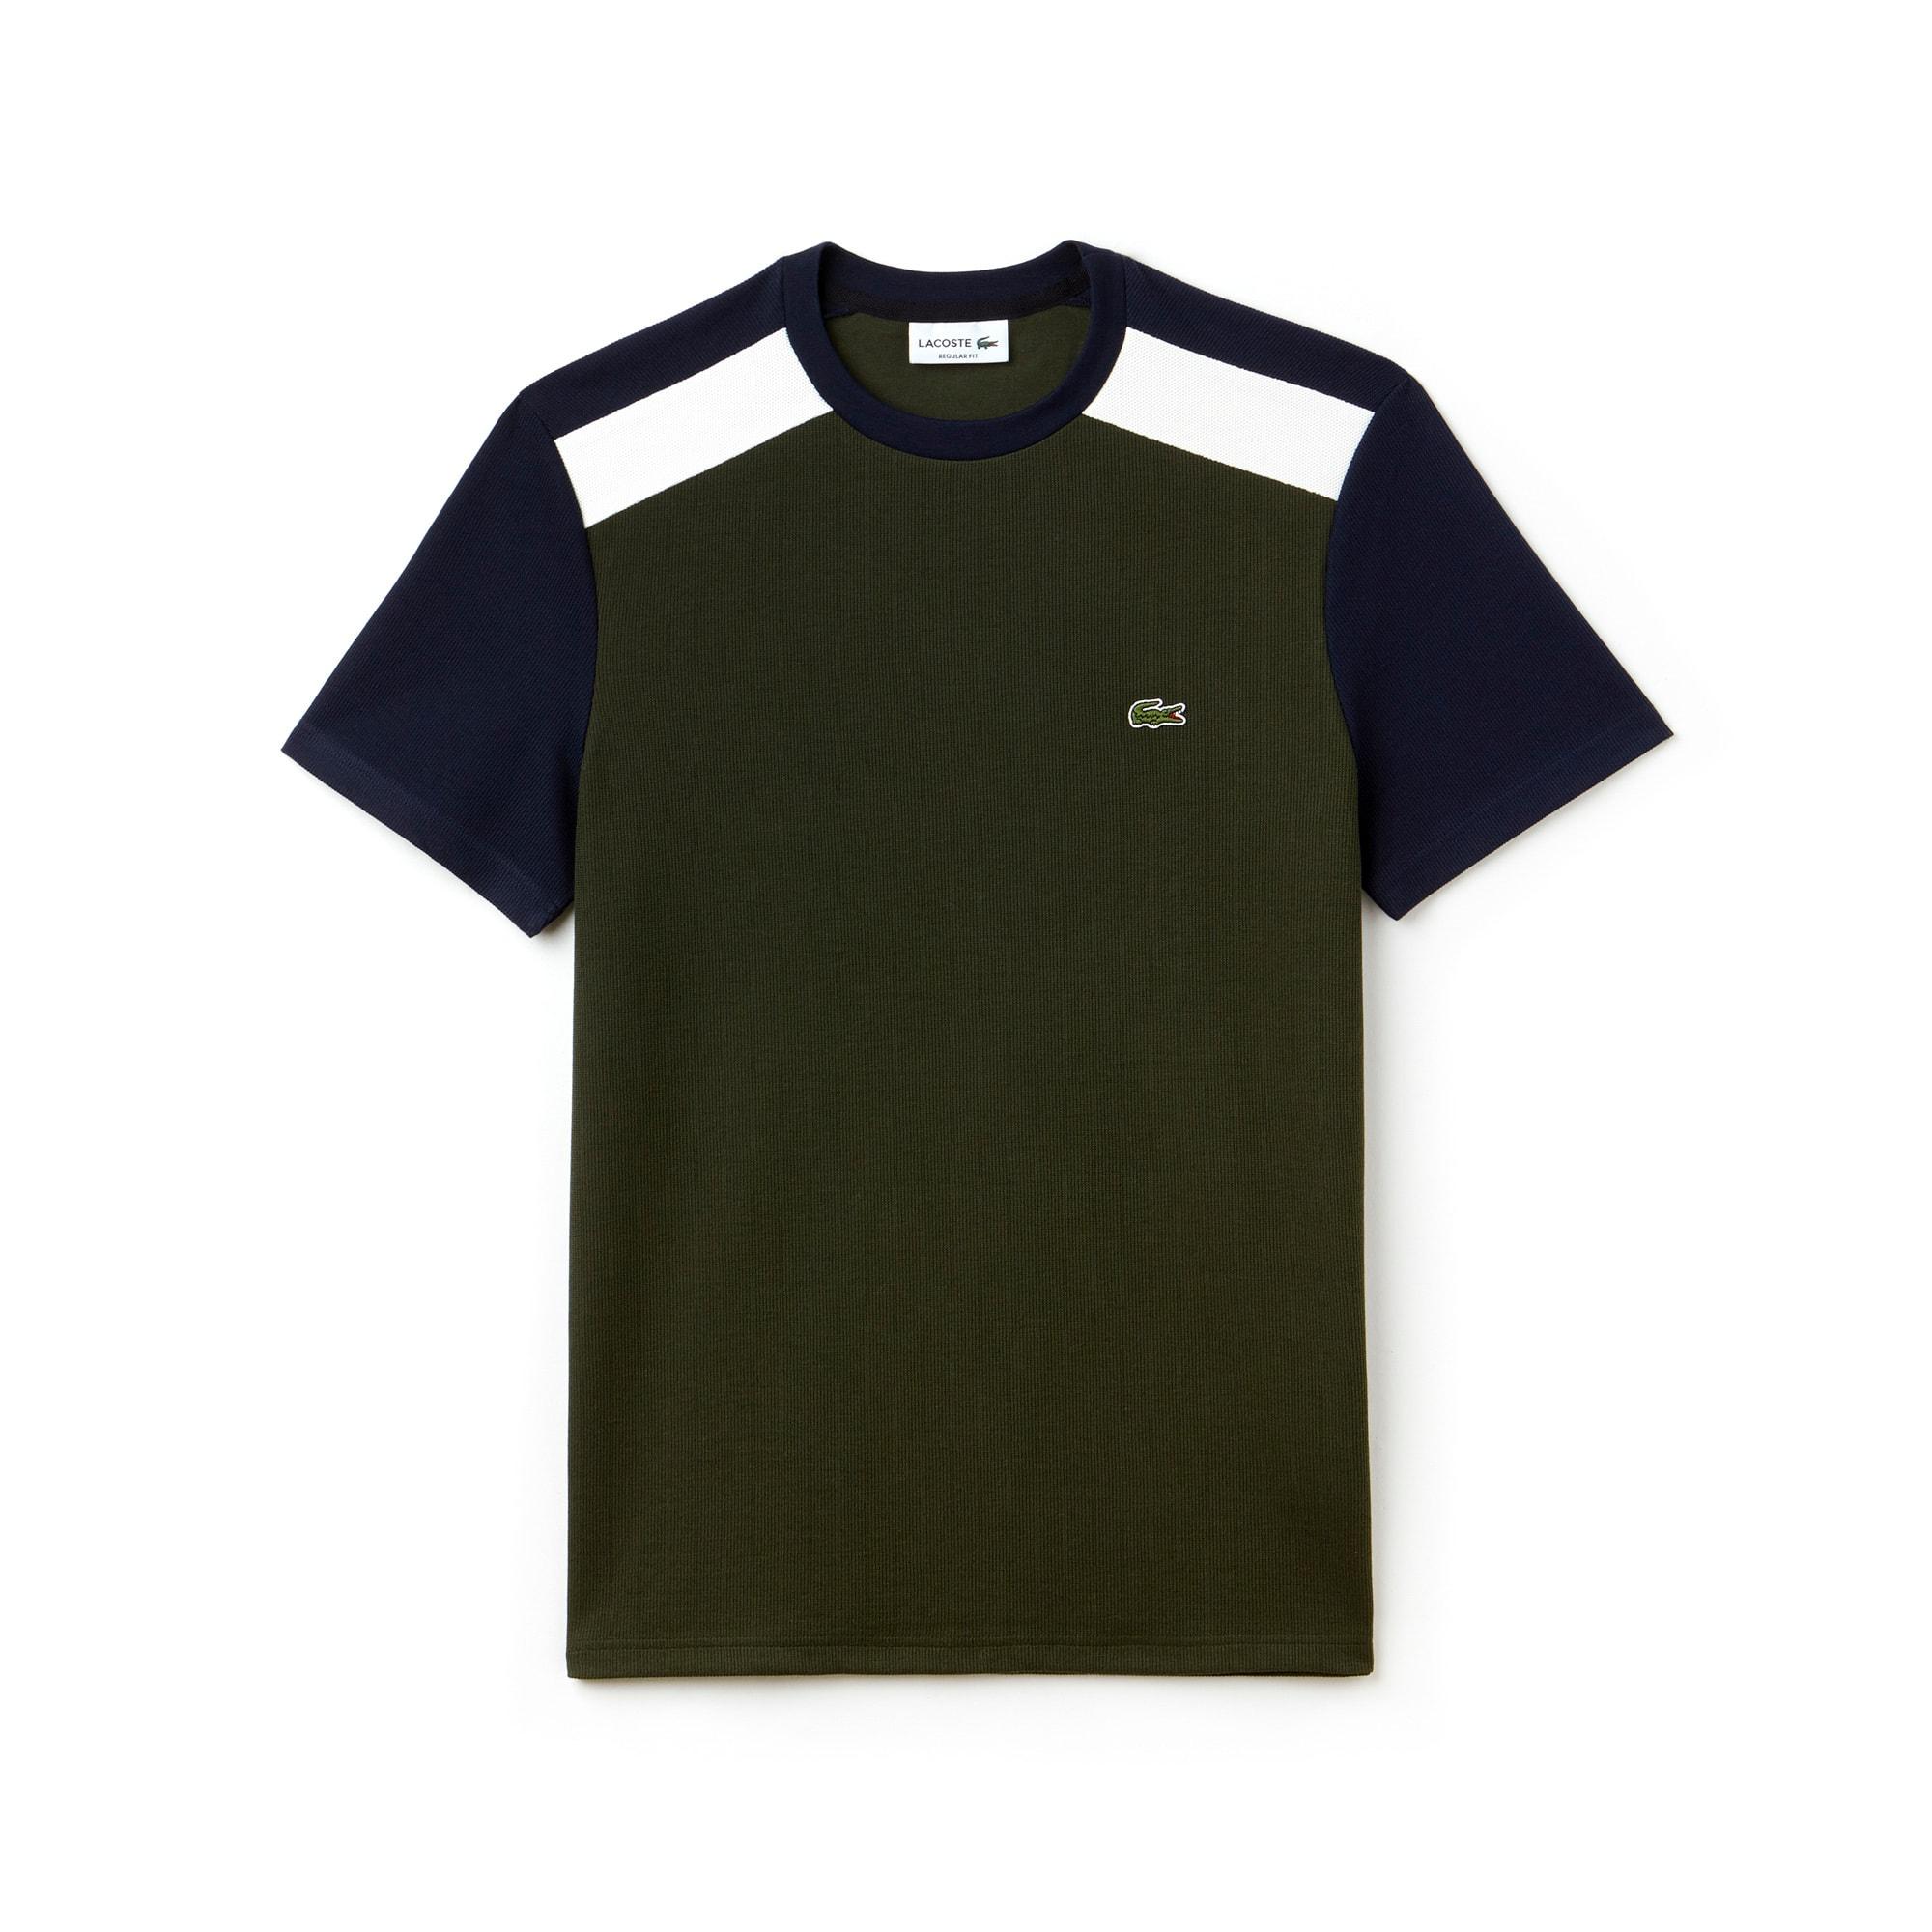 Herren-Rundhals-Shirt aus Jersey und Piqué im Colorblock-Design